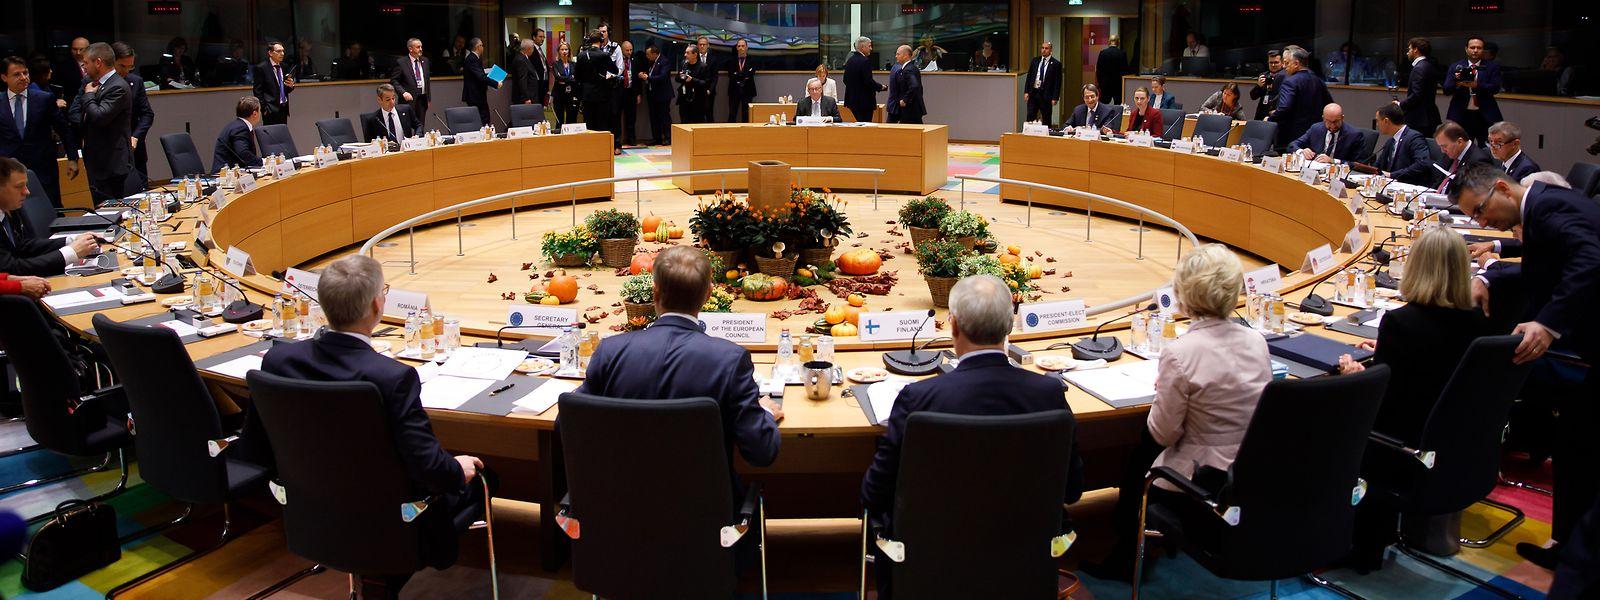 Die Staats- und Regierungschefs nehmen an einem Roundtable-Meeting beim EU-Gipfel teil.